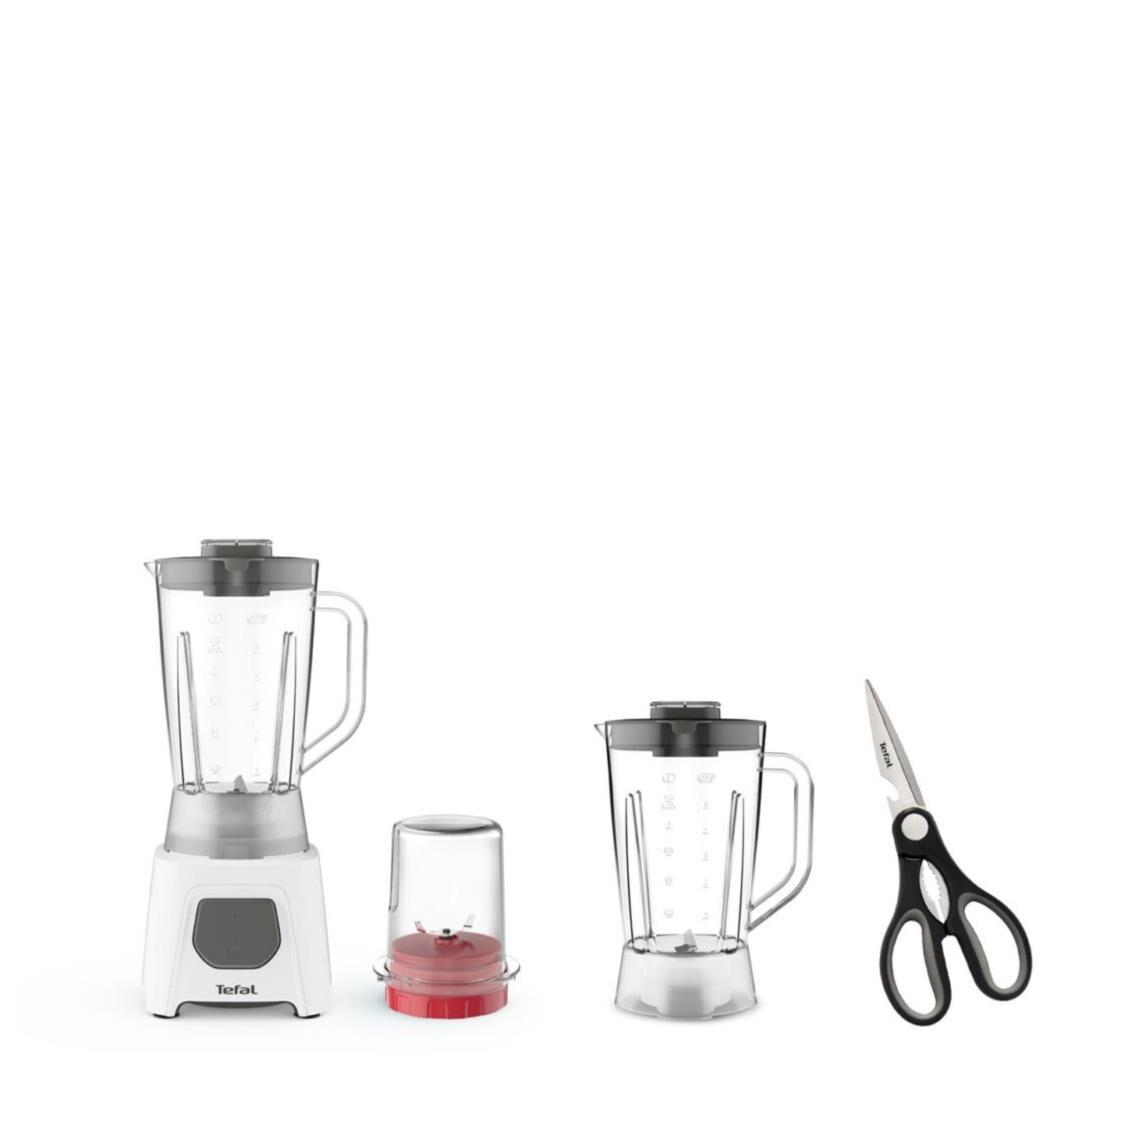 Tefal Blendeo with 2 Jars  grinder  Tefal Fresh Kitchen 3-in-1 Scissors BL2B41K12241